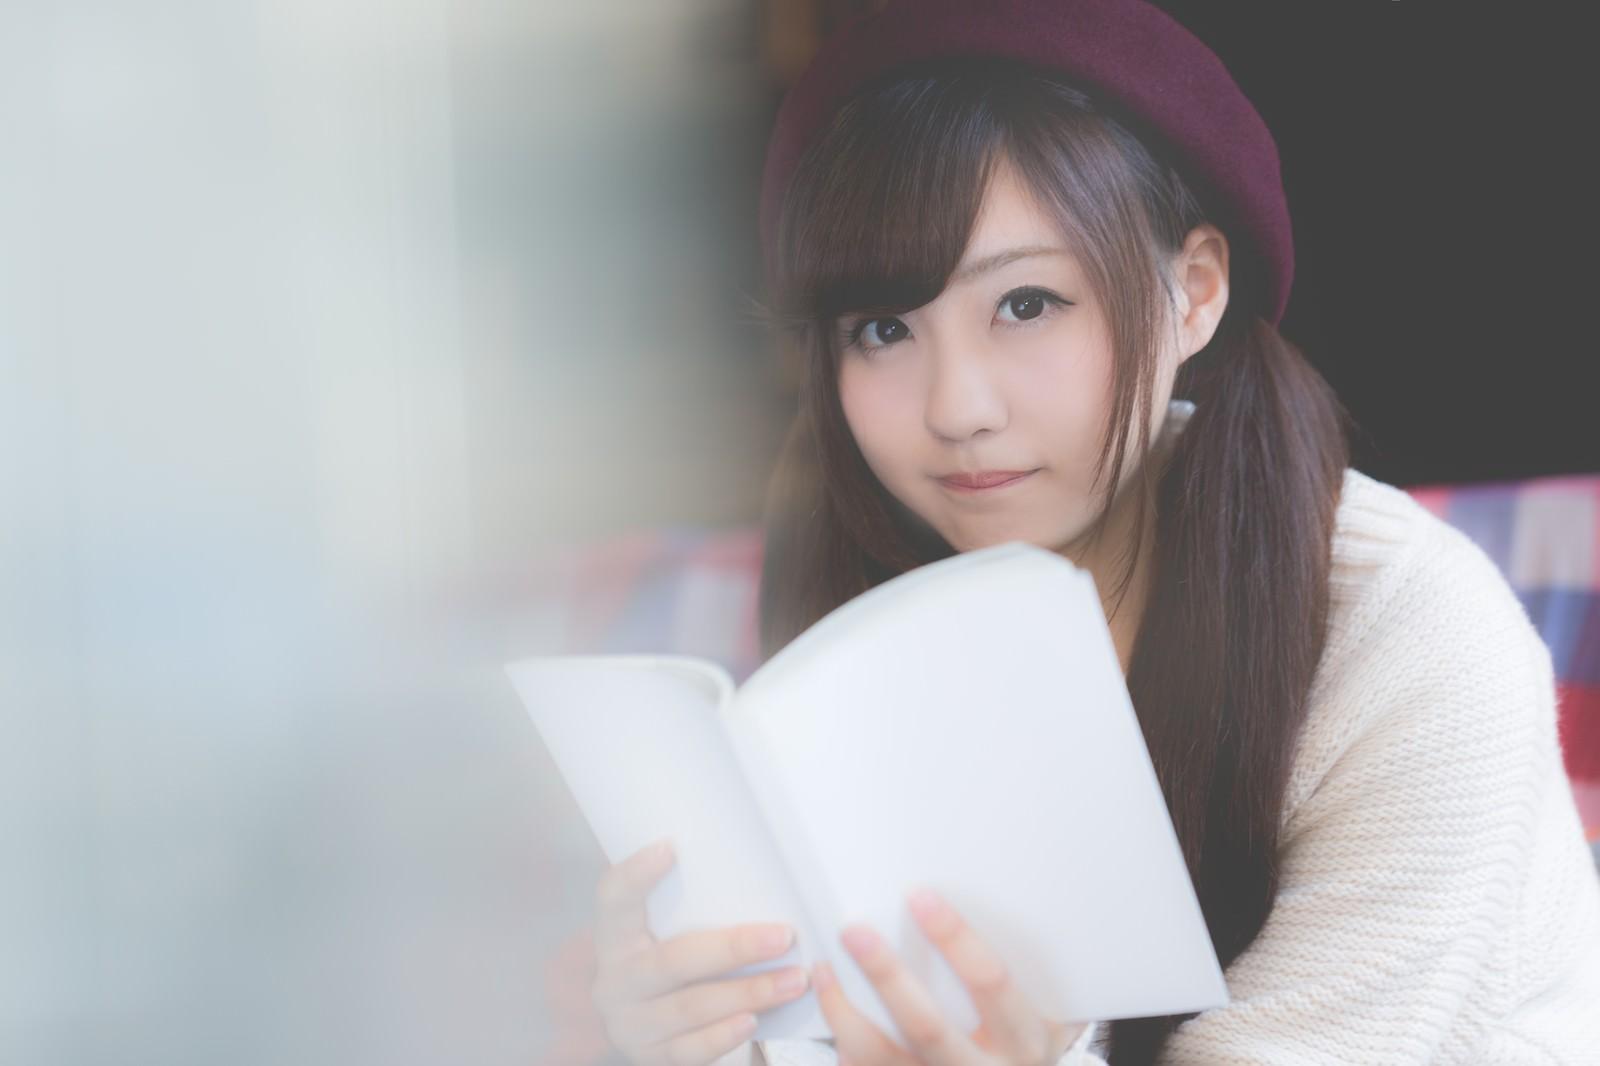 「美女と読書の秋」の写真[モデル:河村友歌]